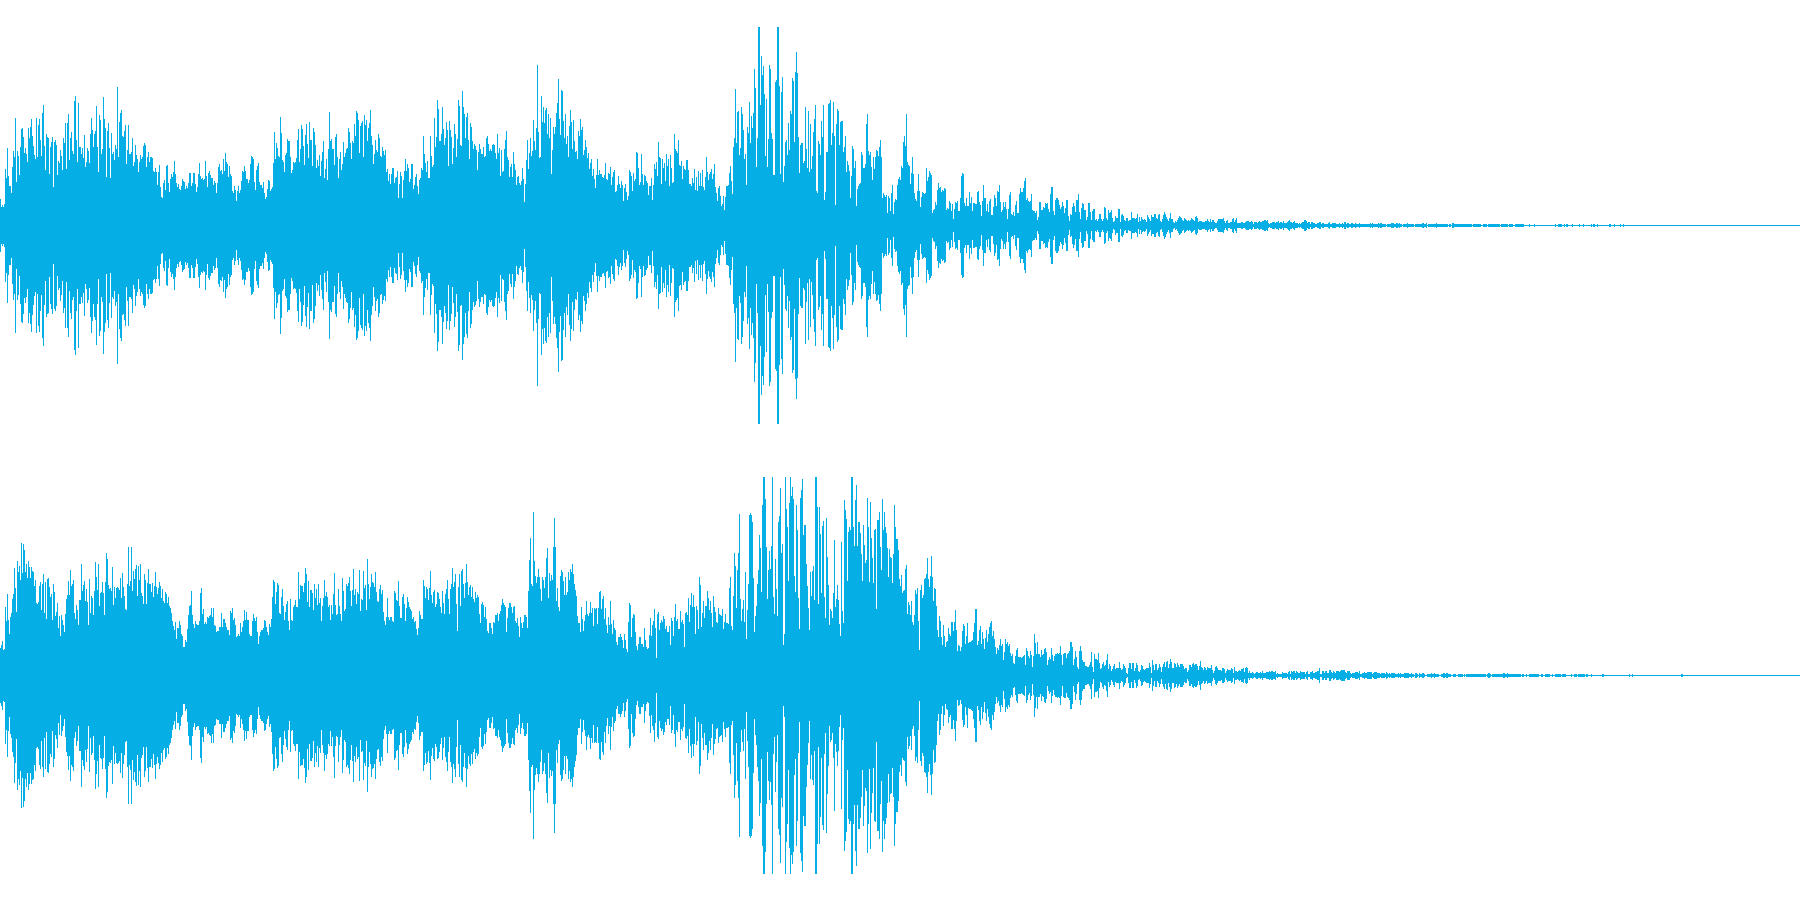 歌舞伎の太鼓/笛/鼓/和風ジングル!12の再生済みの波形